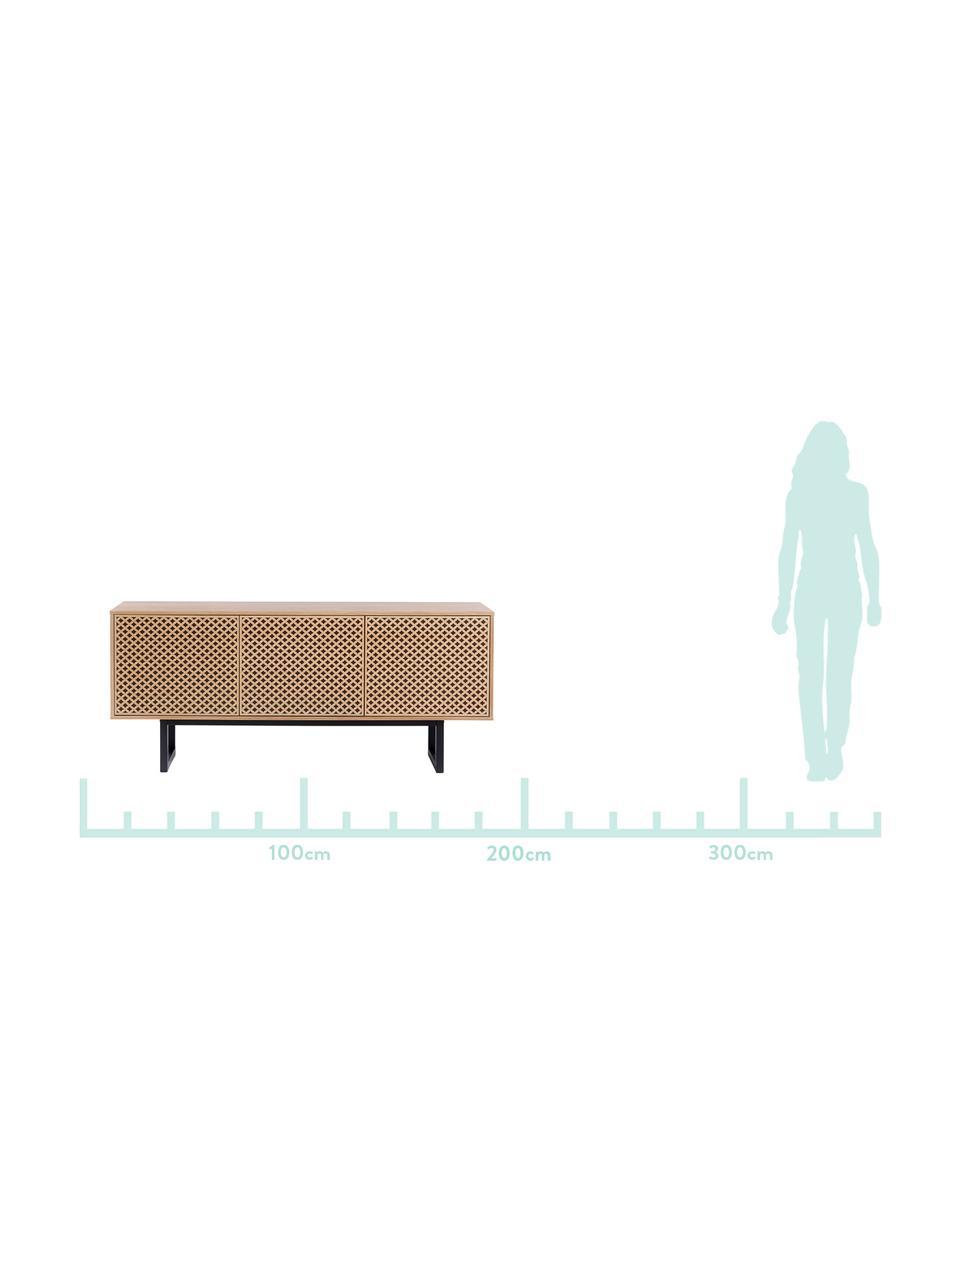 Komoda z drzwiczkami Camden, Korpus: płyta pilśniowa (MDF) z f, Nogi: drewno brzozowe, lakierow, Drewno dębowe, S 175 x W 75 cm